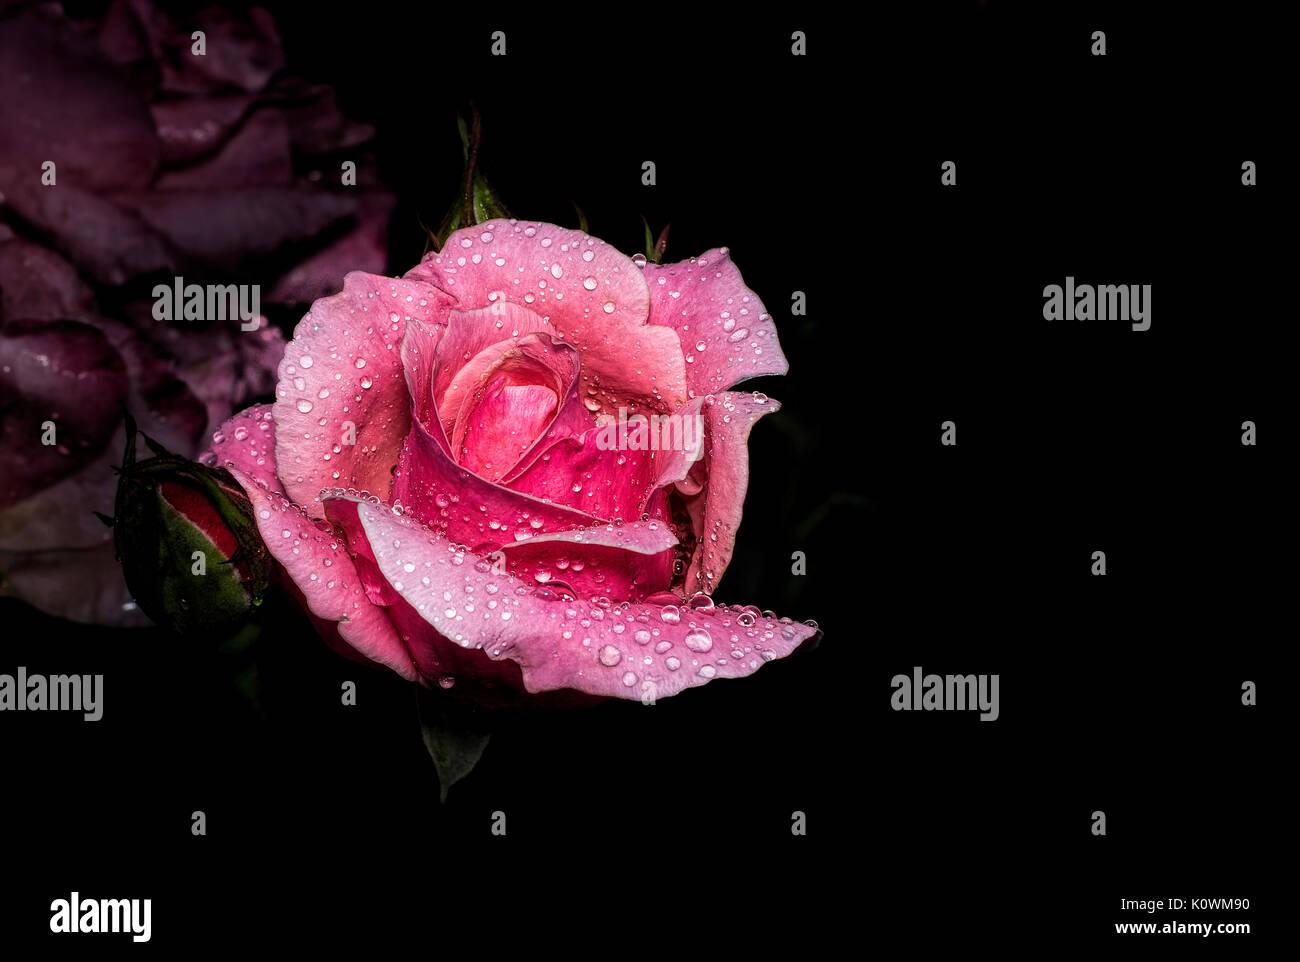 Luxury Immagini Di Rose Con Sfondo Nero Sfondo Italiano